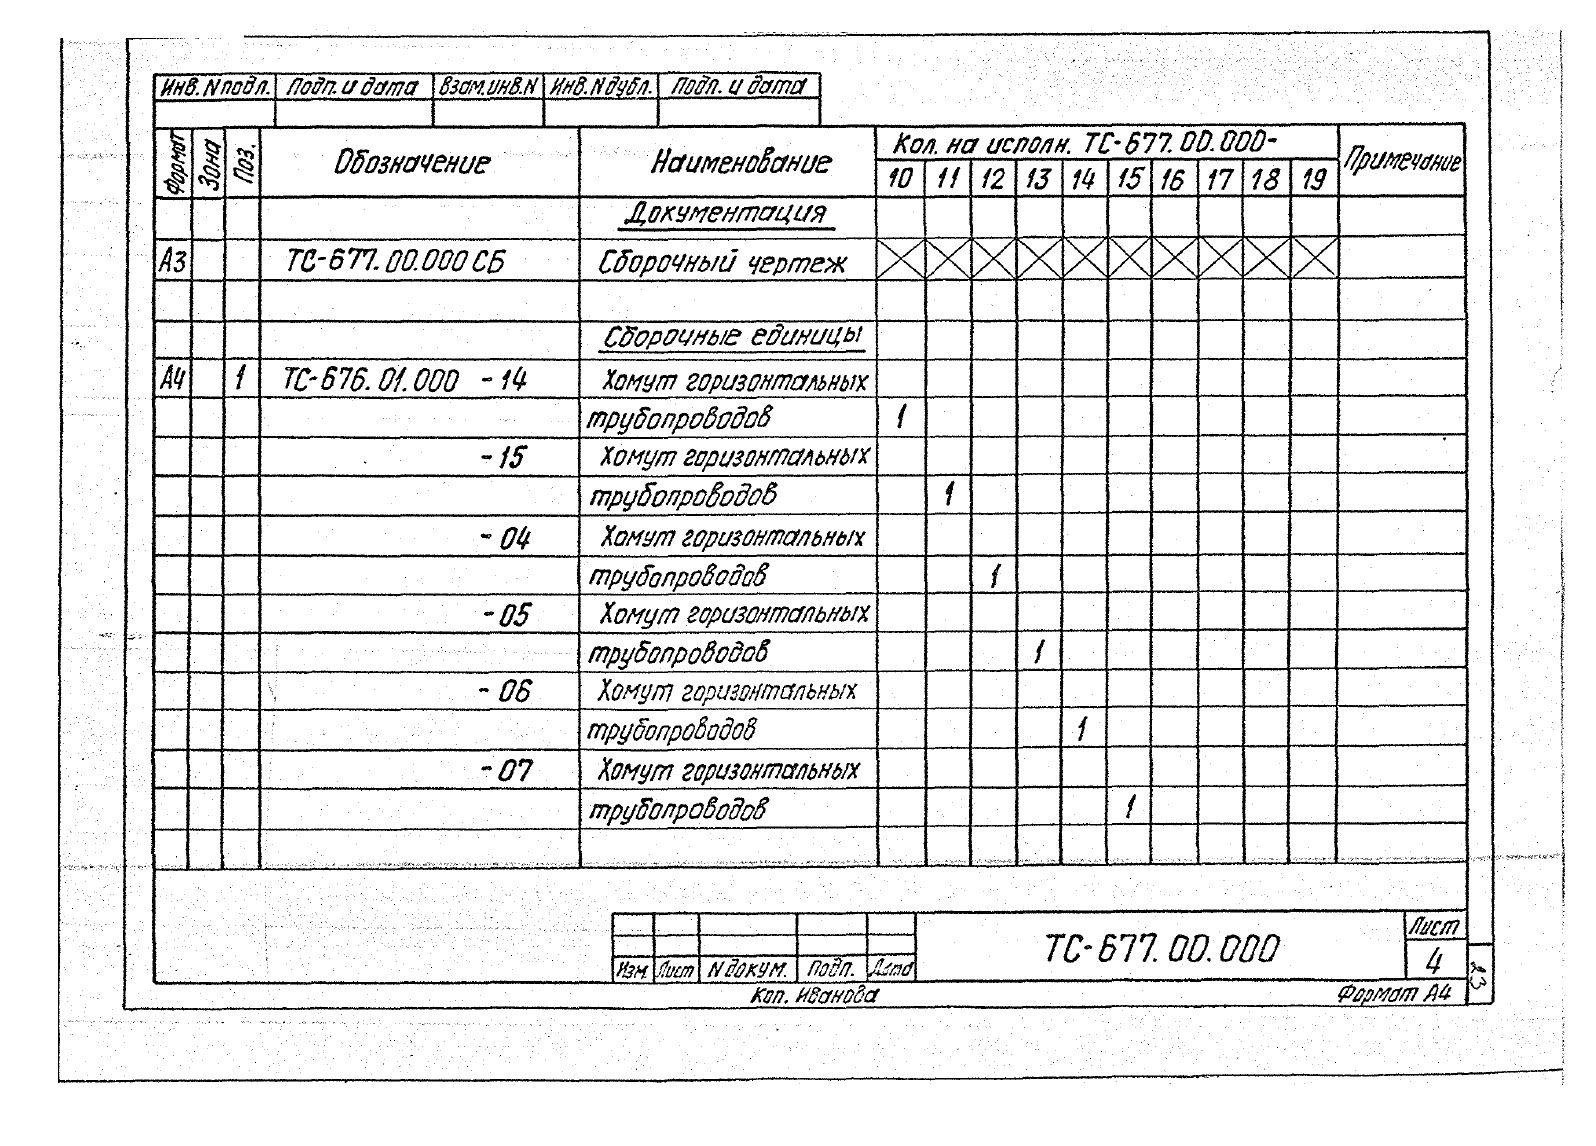 Подвески жесткие Дн 57-530 ТС-677 с.5.903-13 вып.6-95 стр.6